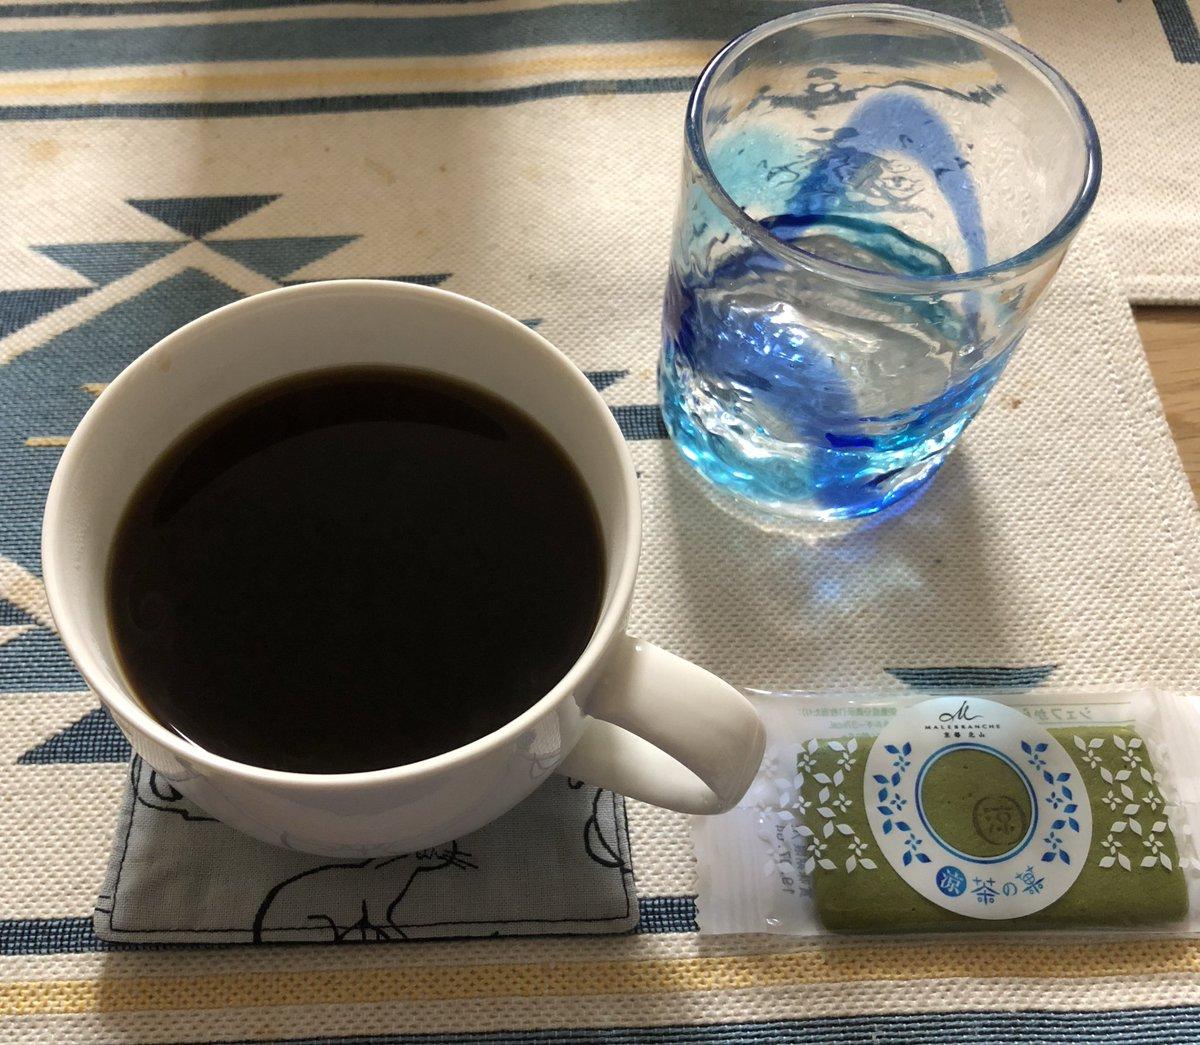 test ツイッターメディア - コーヒータイム。嫁さんが職場で貰ったマールブランシュの「茶の菓」で。 https://t.co/3MzklXDFKo